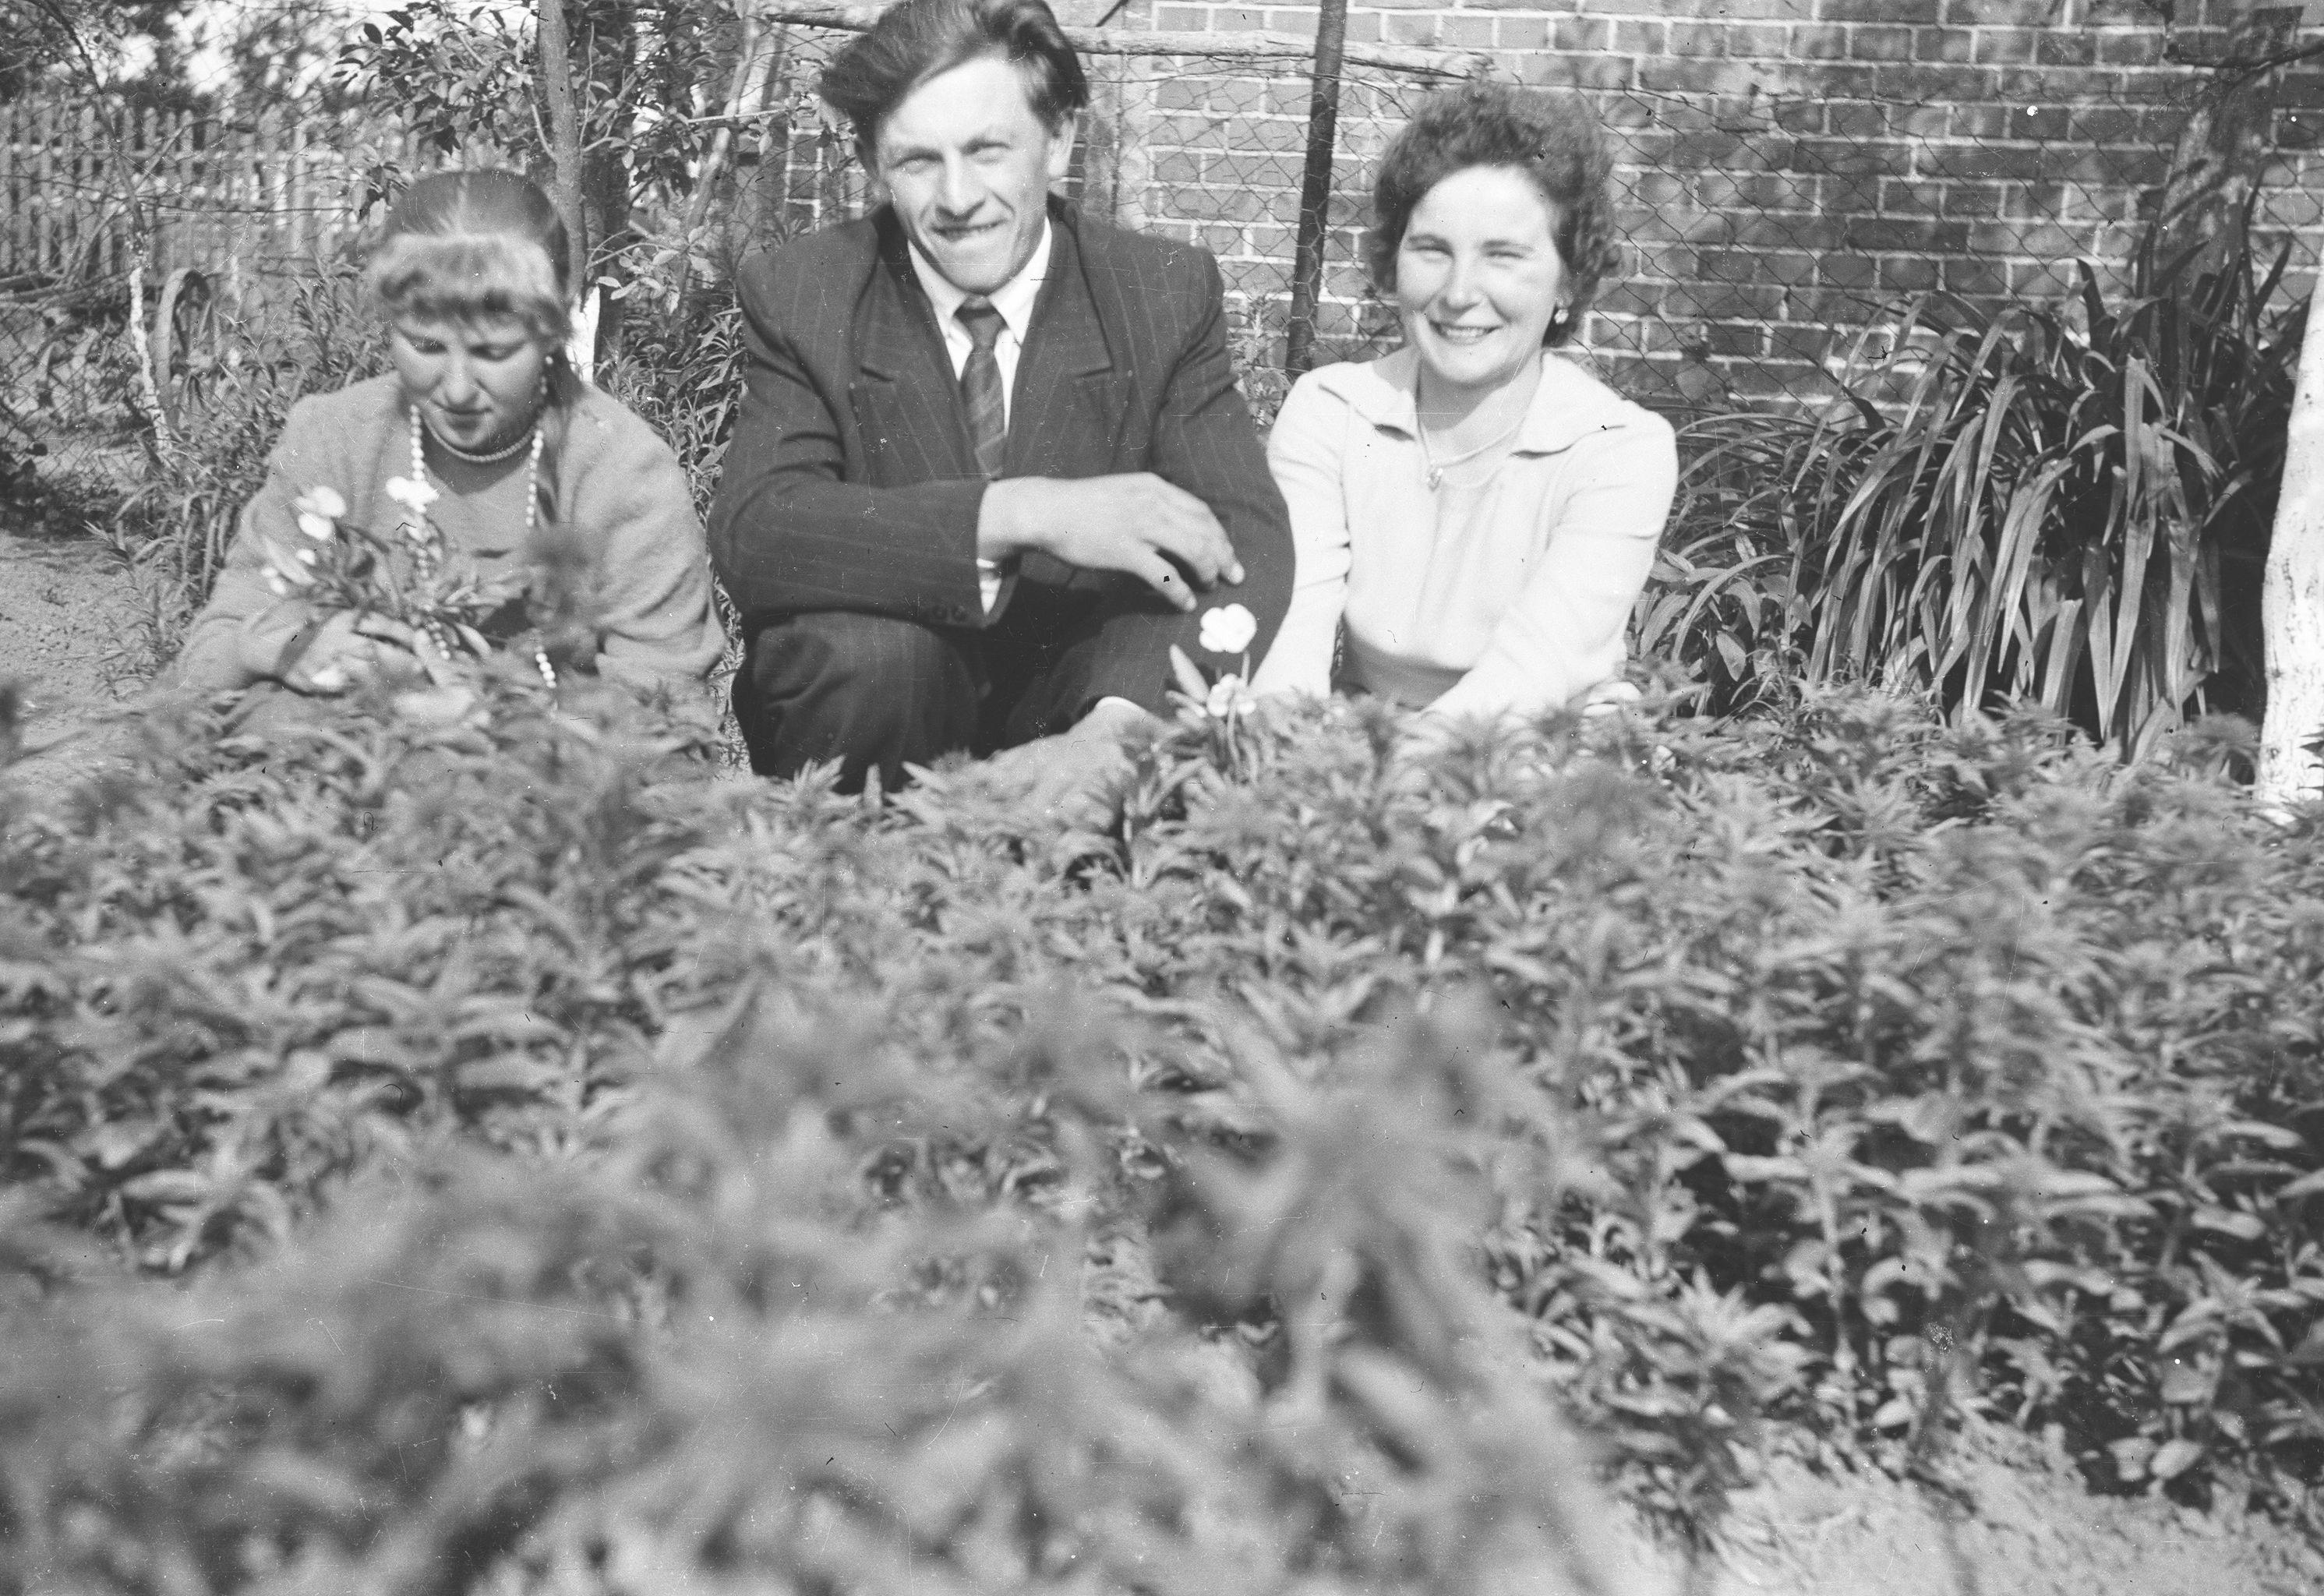 Od lewej: Maria Biodrowska, Augustyn Czyżowicz oraz bratowa Marii, Brzózka, Dolny Śląsk, lata 50. XX w.